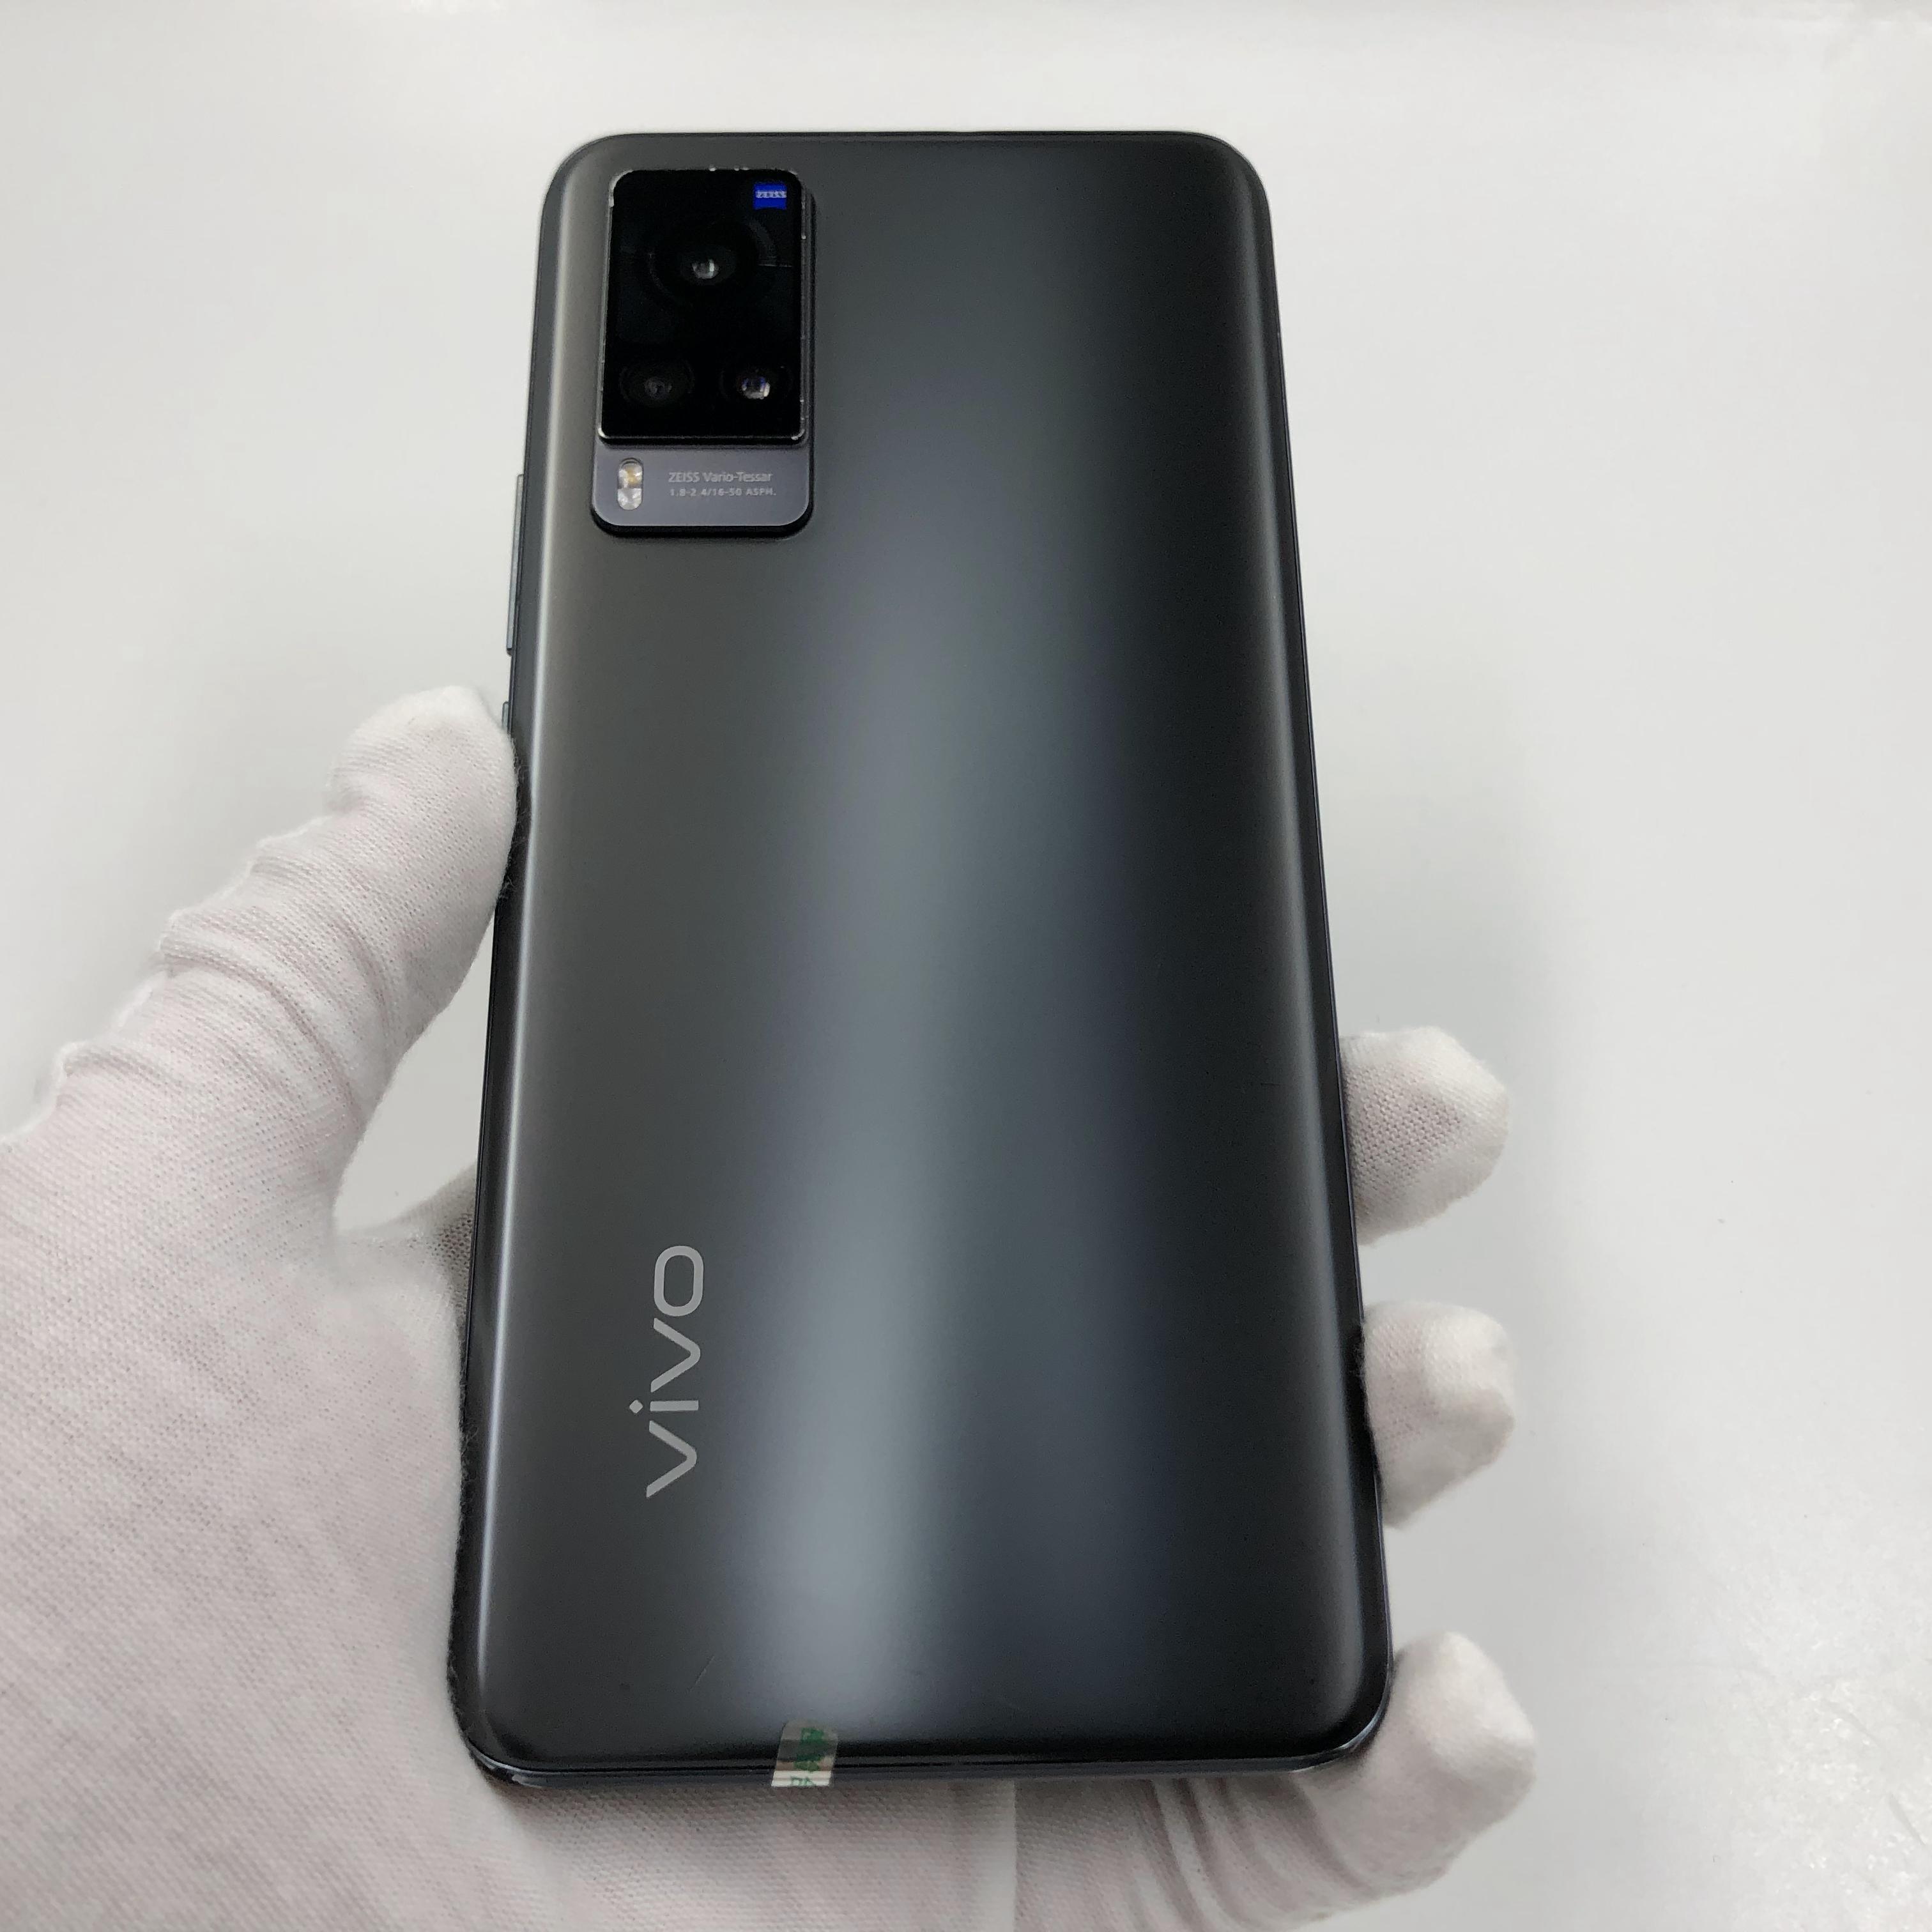 vivo【X60 5G】5G全网通 原力 8G/256G 国行 9成新 真机实拍